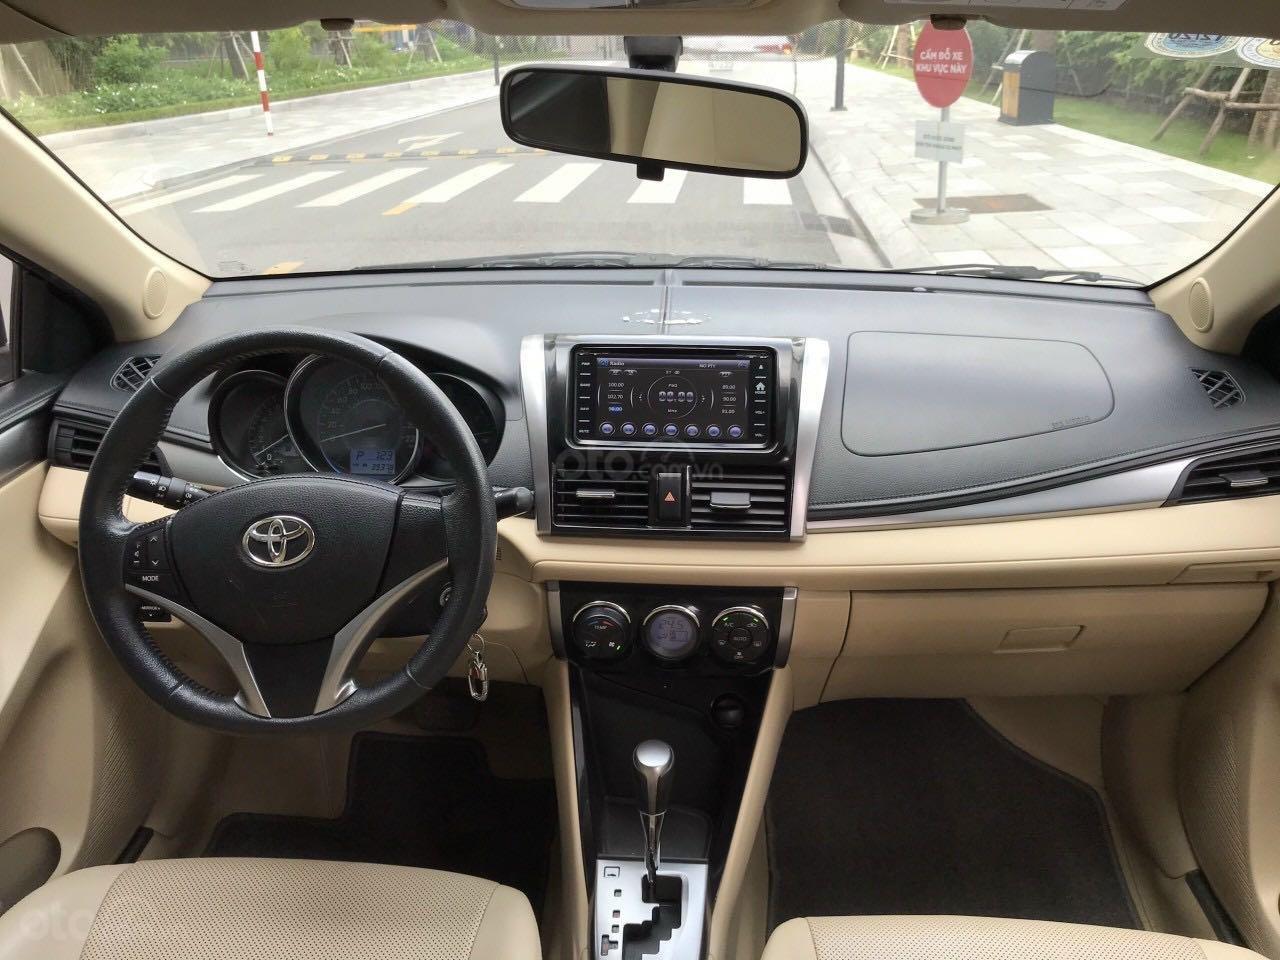 Bán ô tô Toyota Vios đăng ký 2016, màu đen còn mới, giá tốt 465 triệu đồng (4)